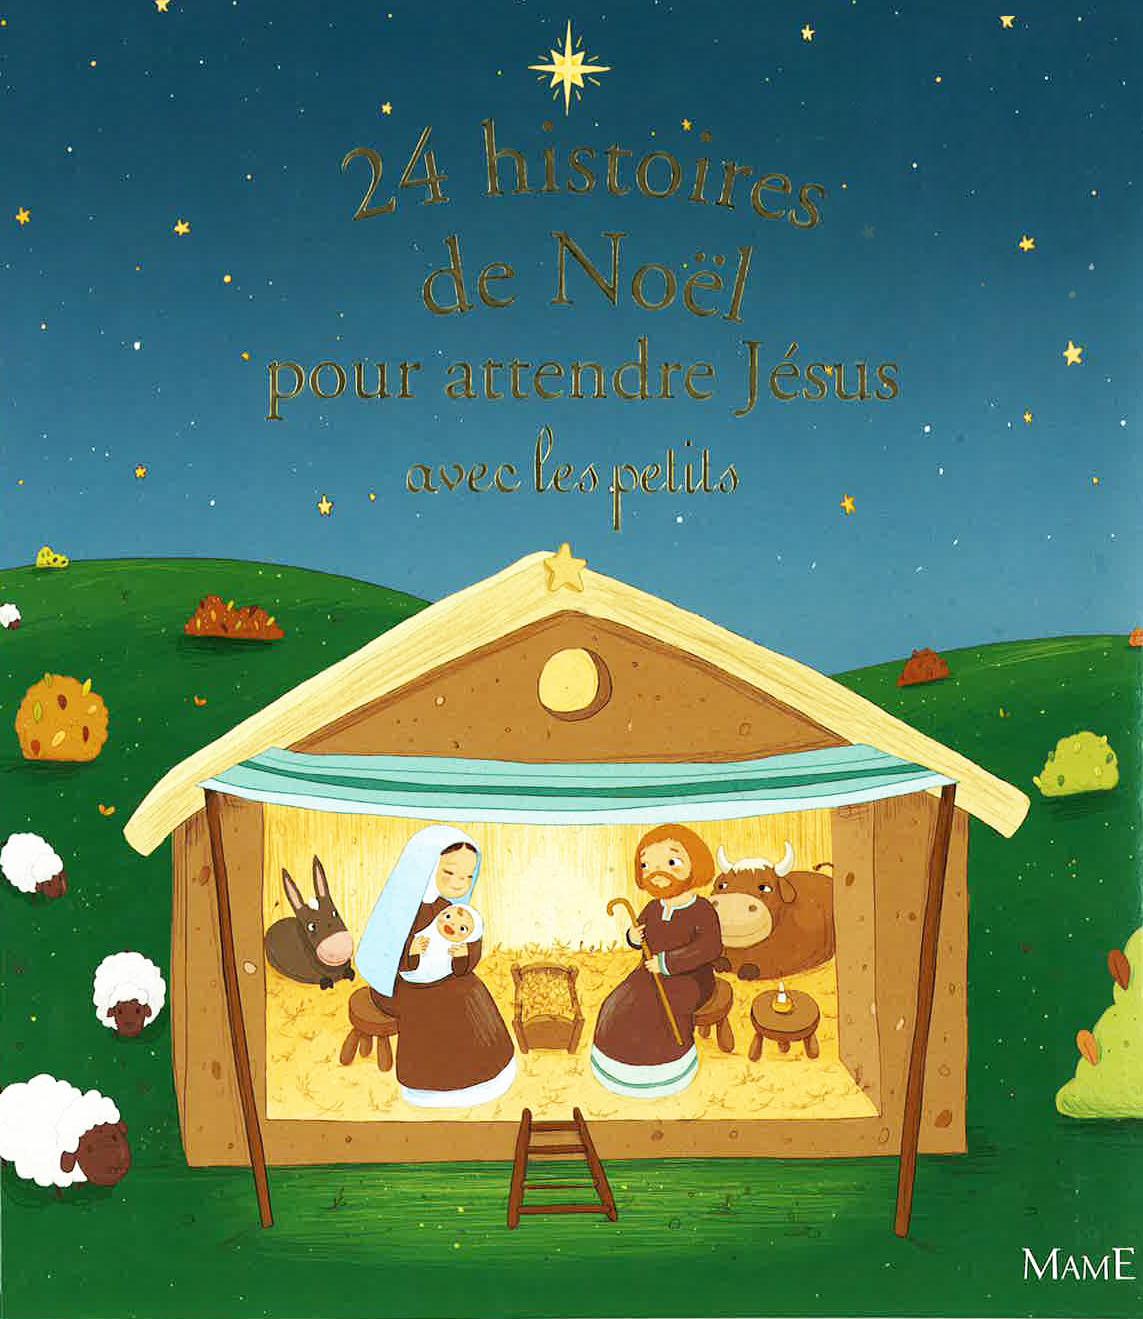 couverture de livre 24 histoires pour attendre Jésus avec les petits